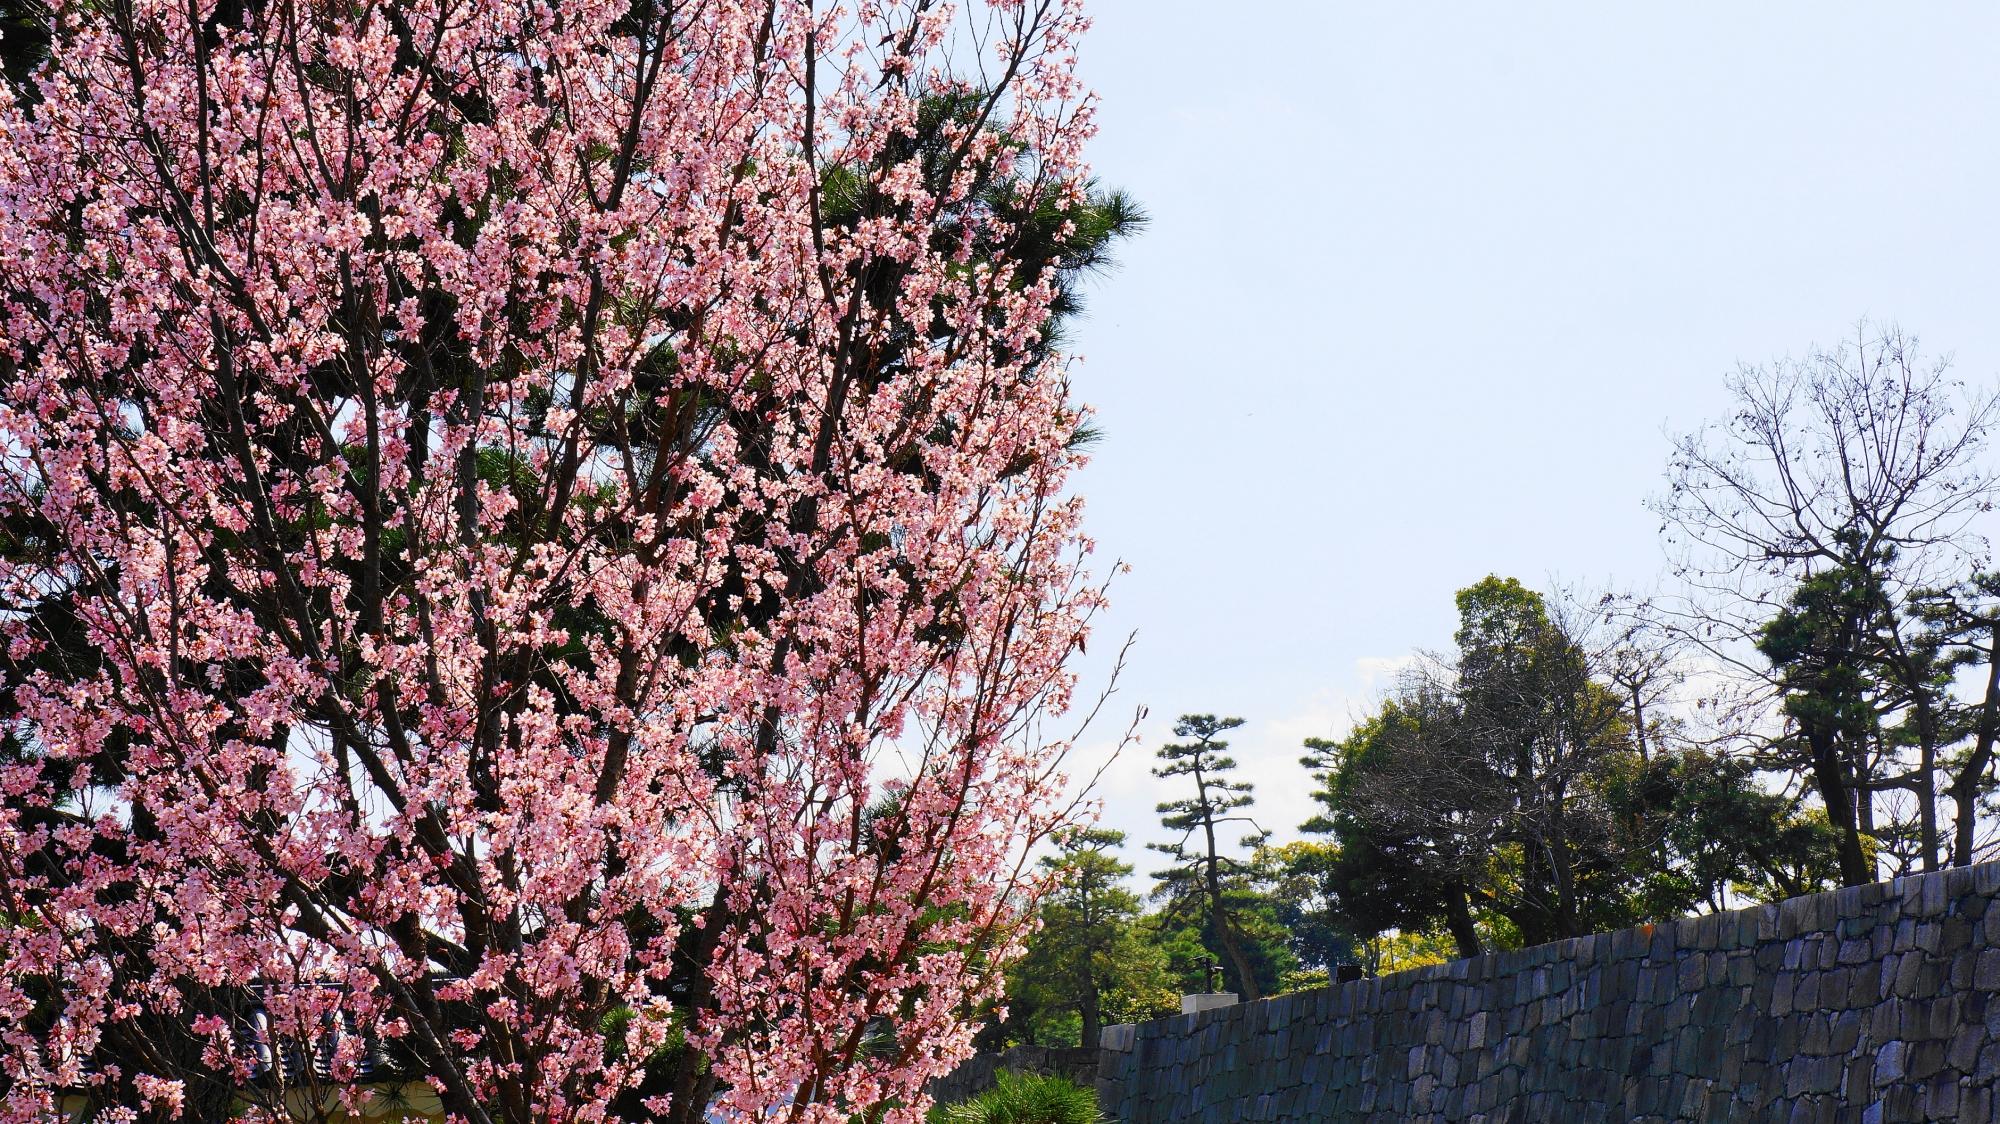 お堀と石垣を華やかに彩る満開の早咲きの桜